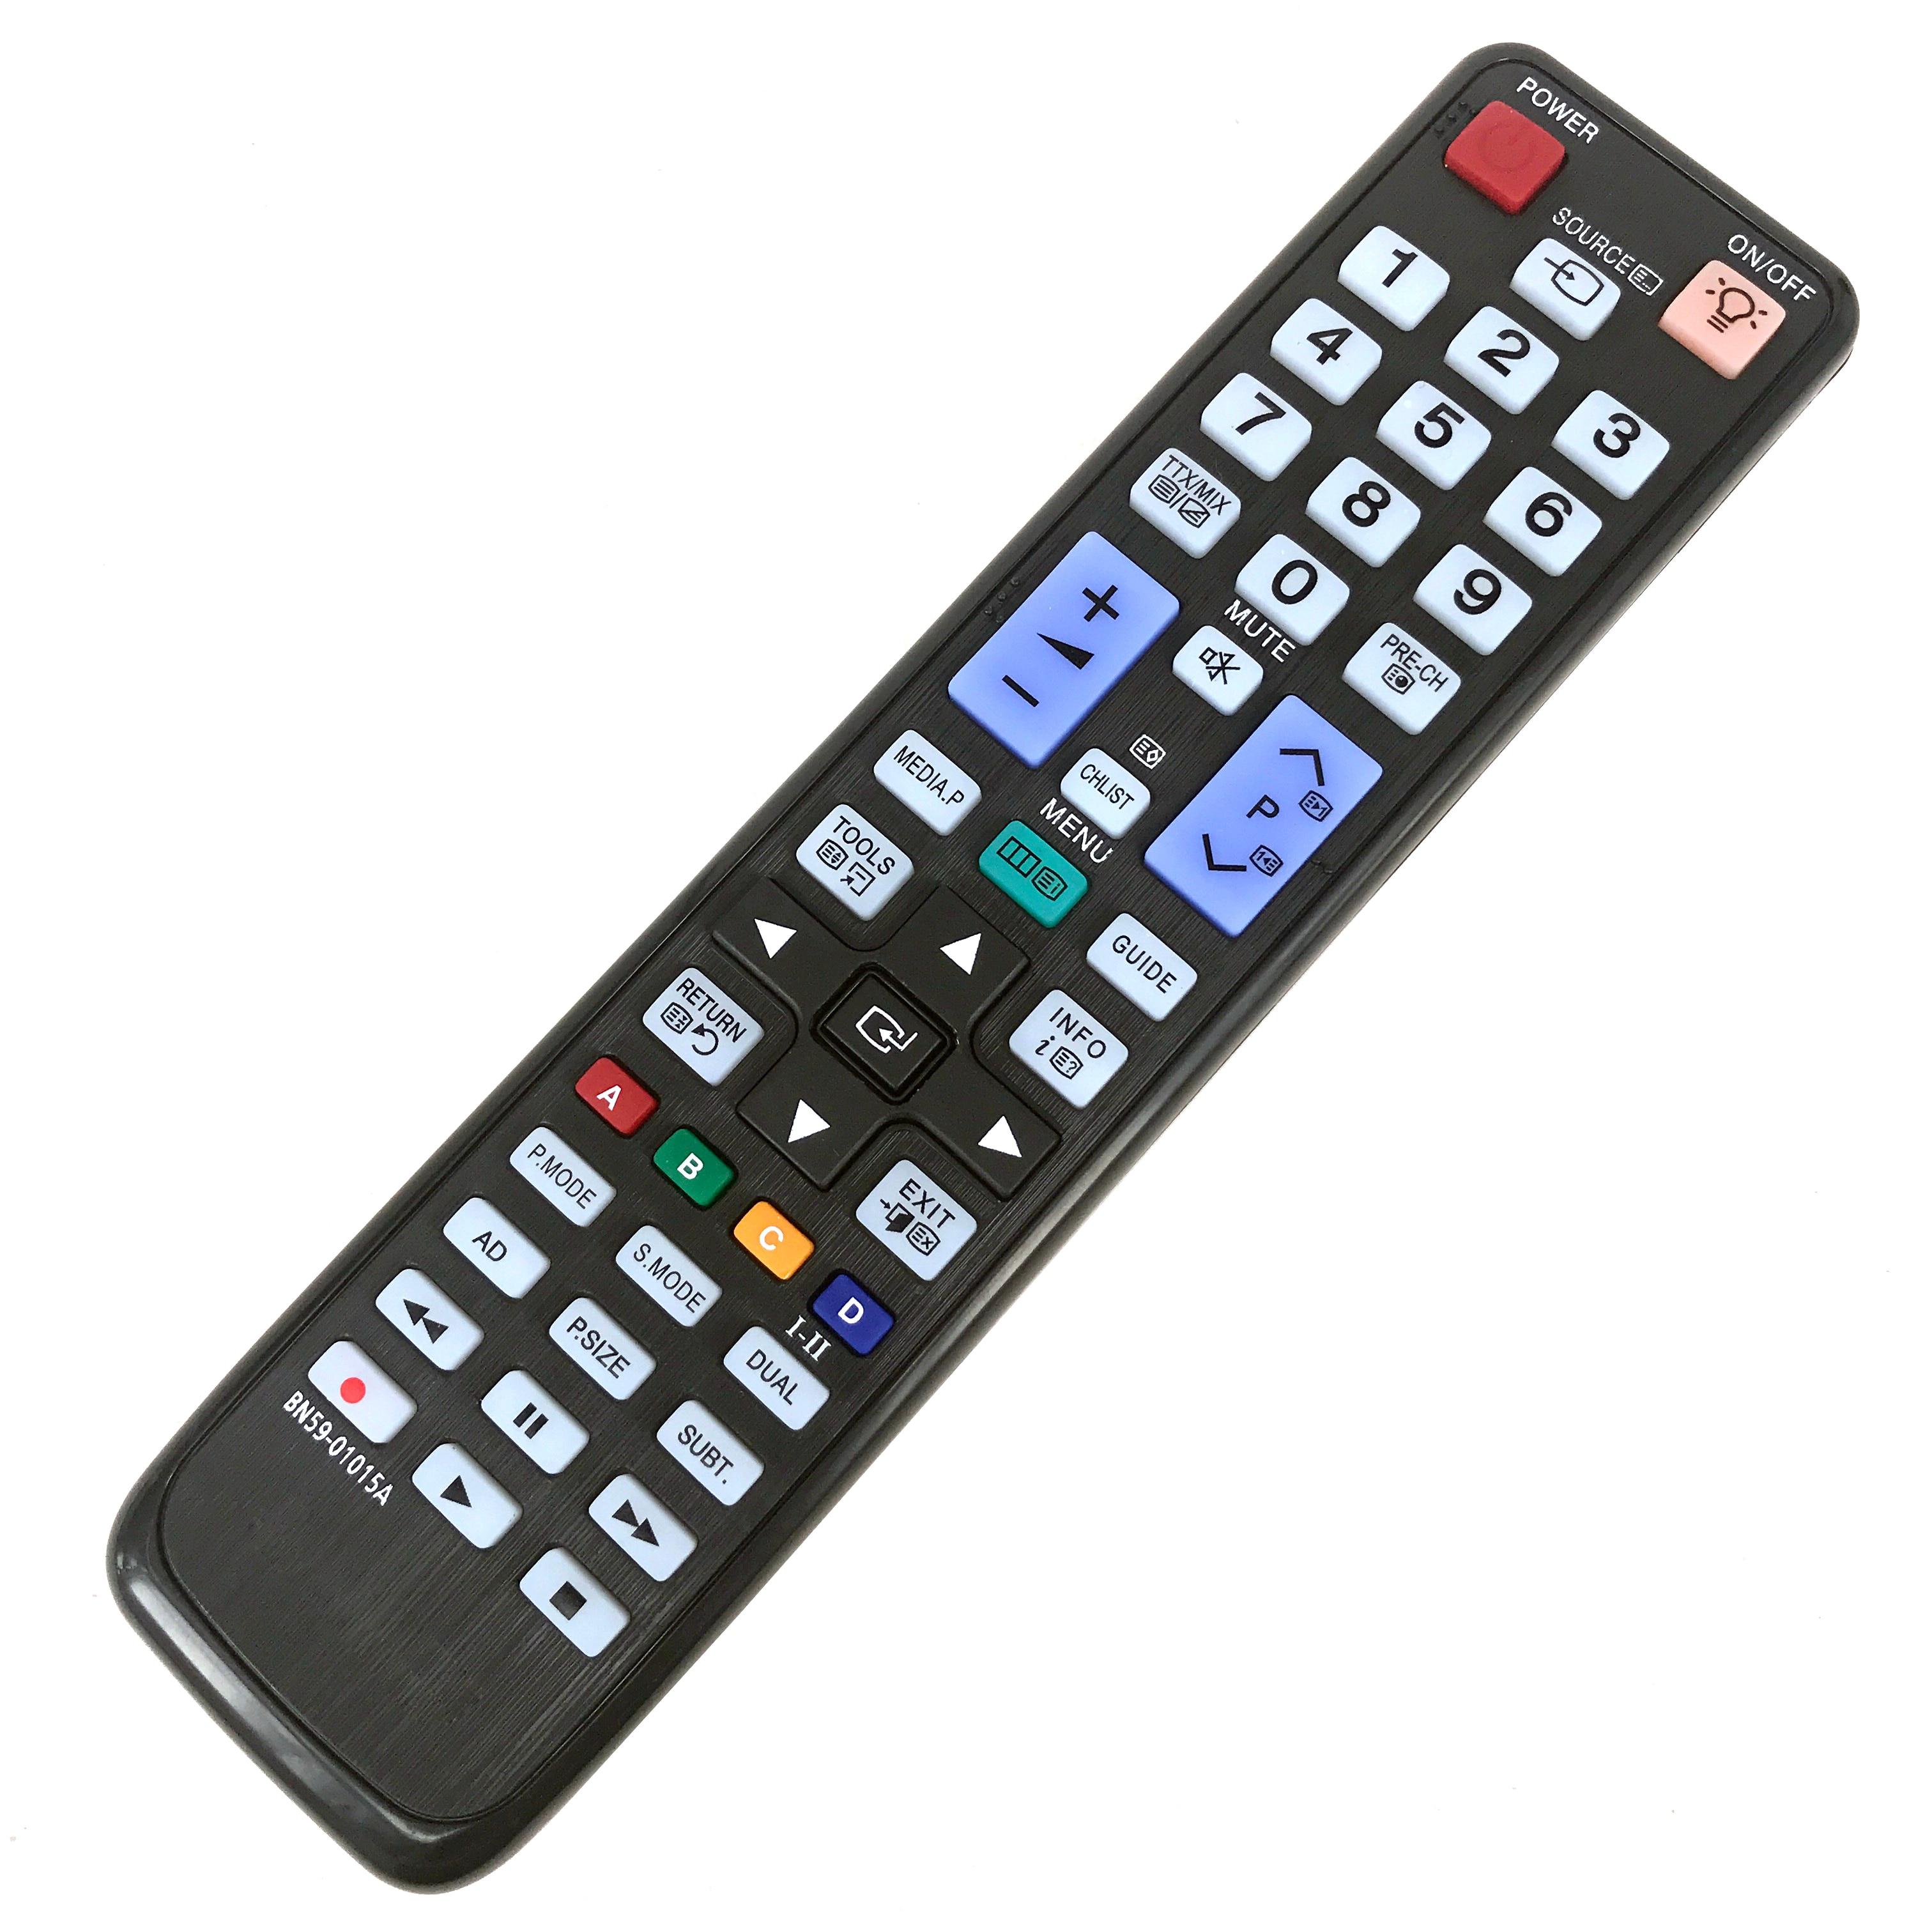 NEUE fernbedienung BN59-01015A Für SAMSUNG LCD TV BN59-01012A BN59-01014A BN59-01018A BN59-01039A Fernbedienung